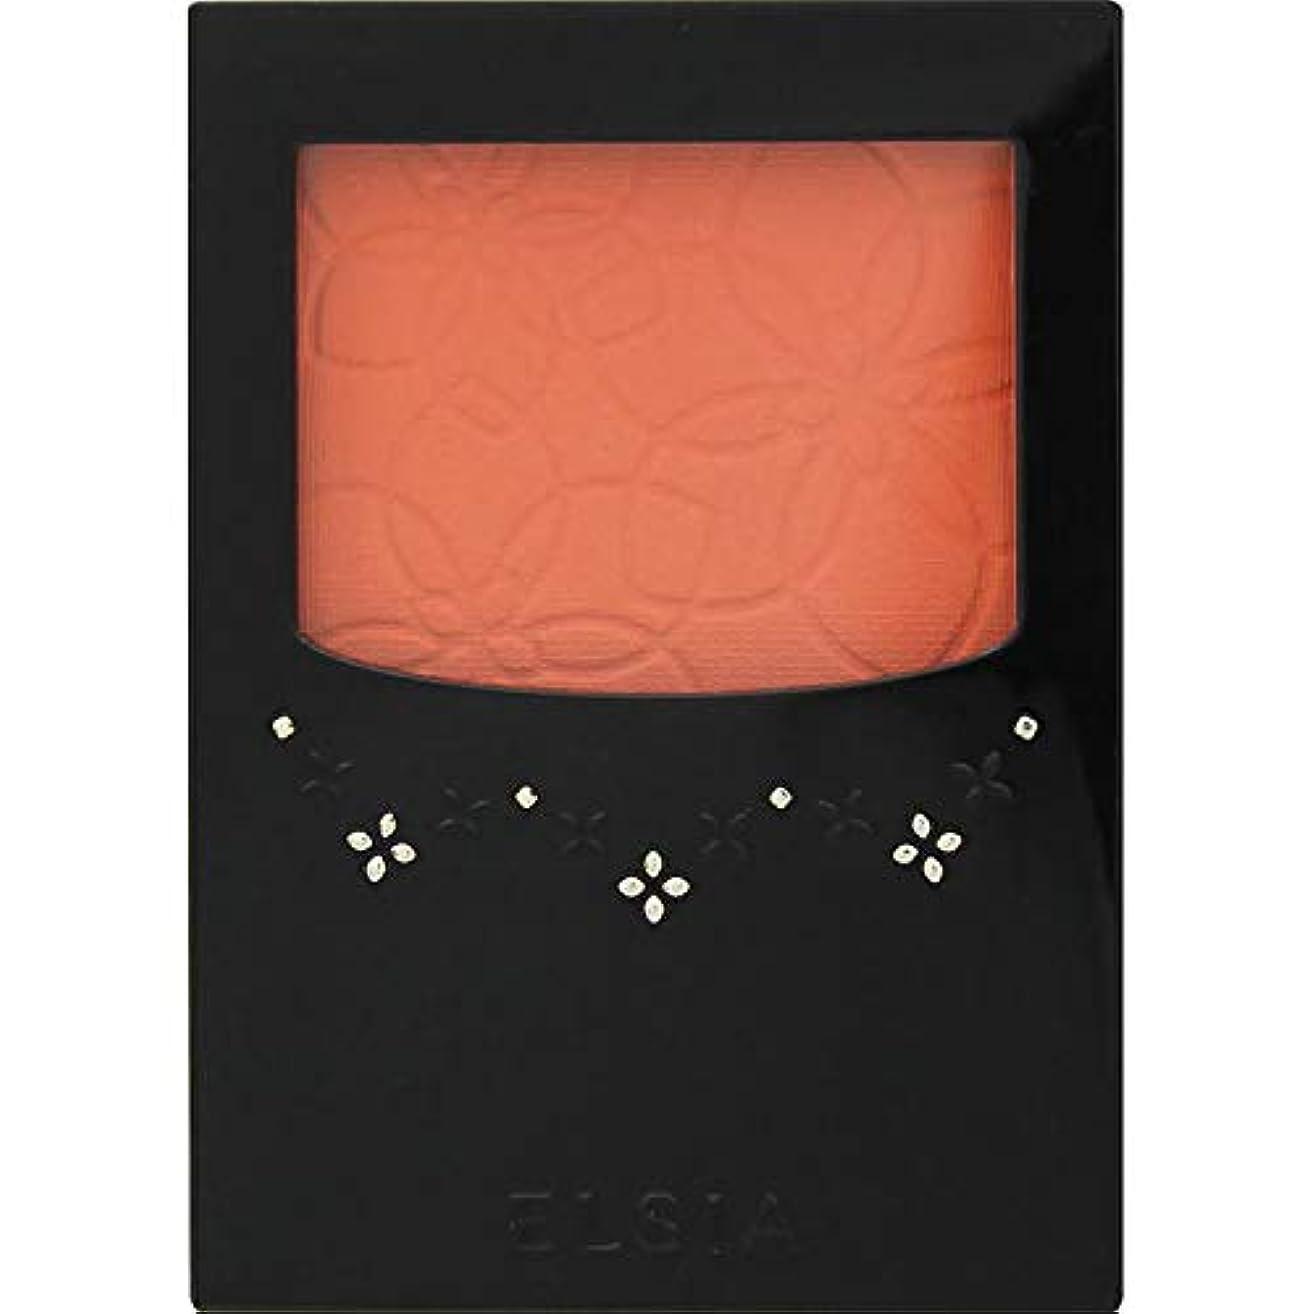 甘やかすストラップ離れたエルシア プラチナム 明るさ&血色アップ チークカラー オレンジ系 OR200 3.5g